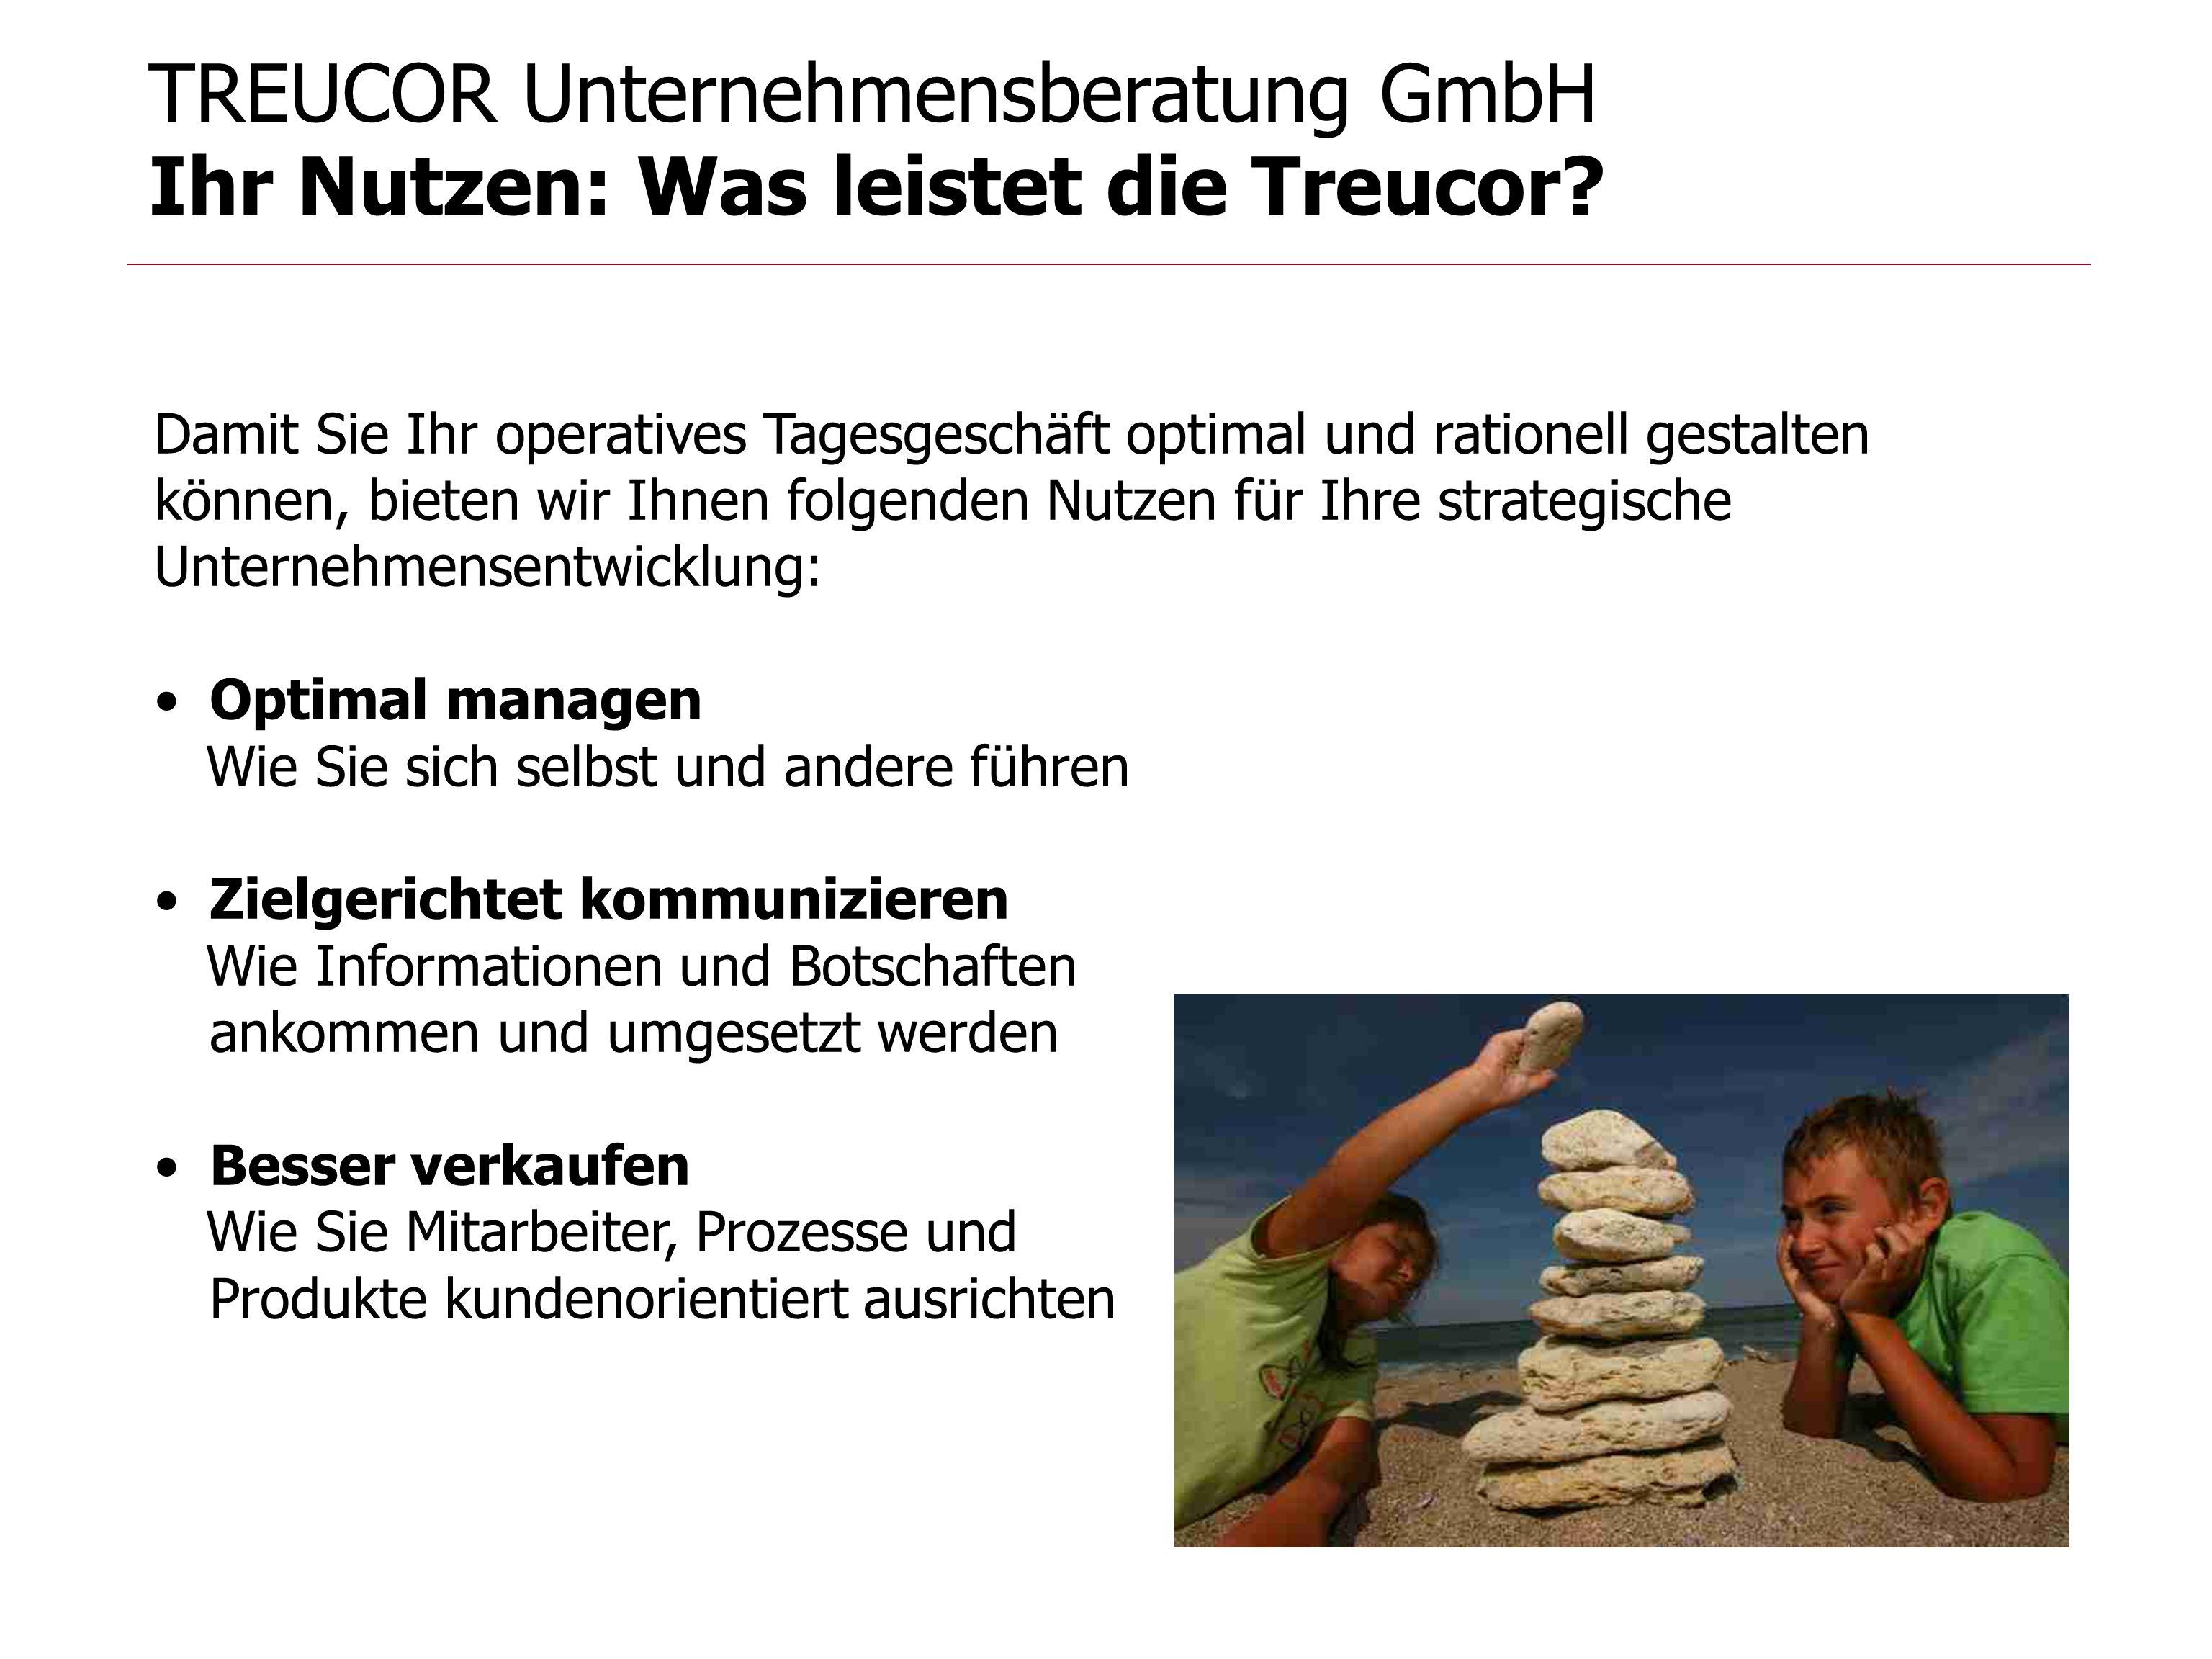 TREUCOR Unternehmensberatung GmbH Öffentliche Fördermittel für die Beratung Reduzieren Sie die Beratungskosten durch öffentliche Fördermittel.